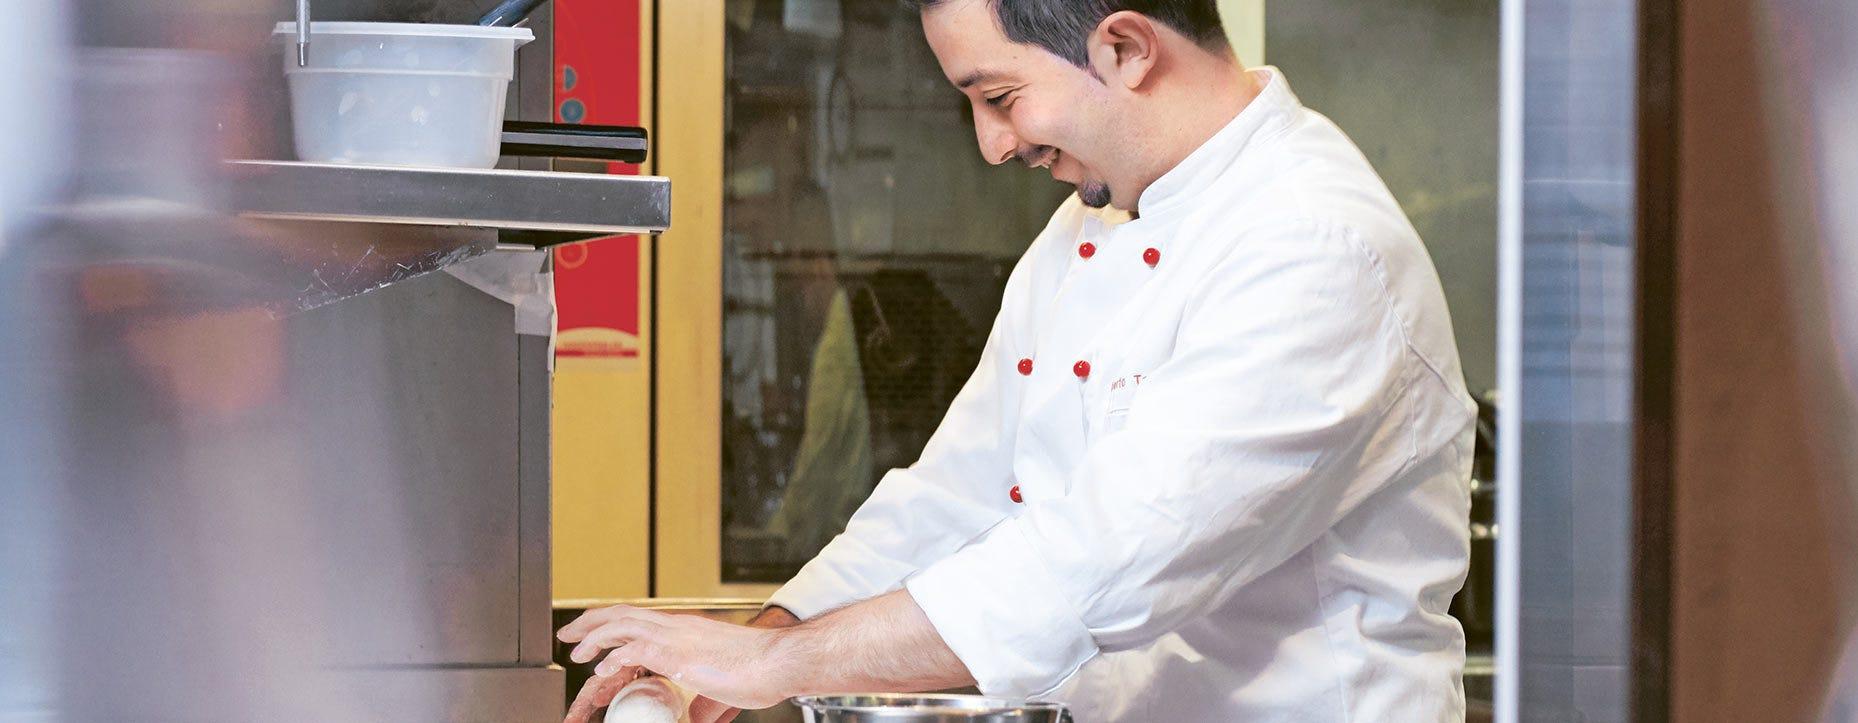 Toskana-Küche: einfach gut